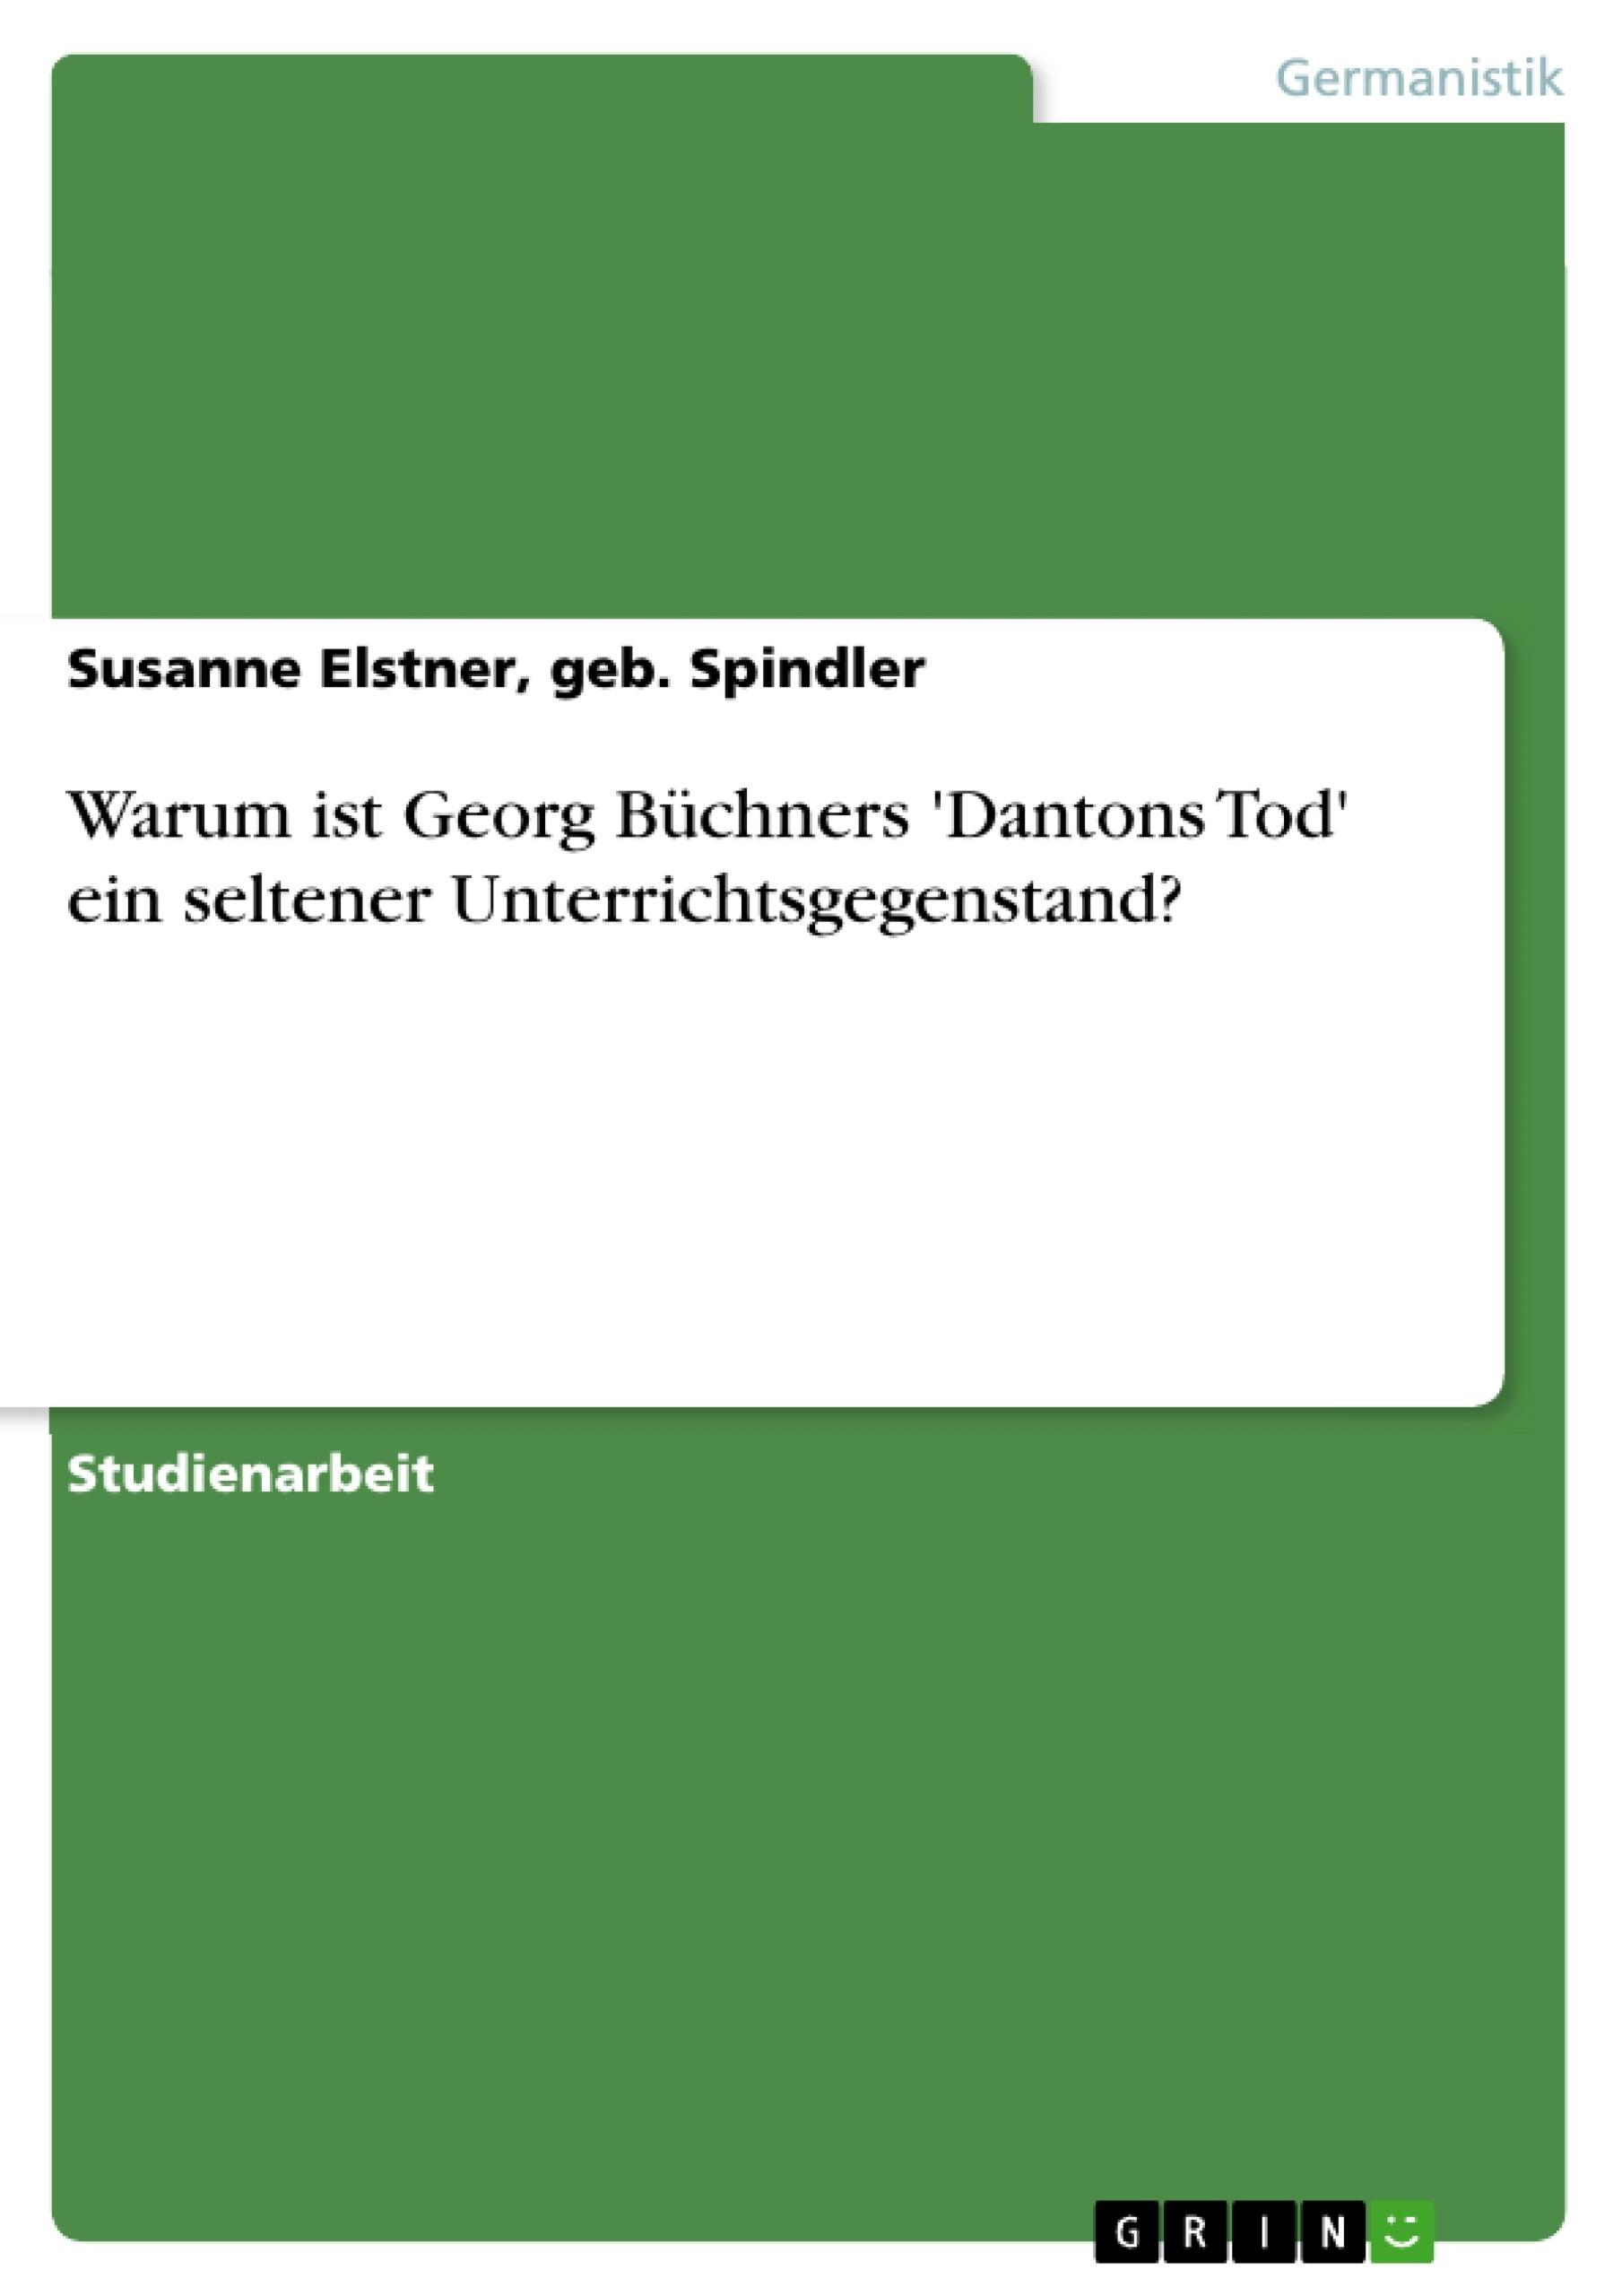 Titel: Warum ist Georg Büchners 'Dantons Tod' ein seltener Unterrichtsgegenstand?